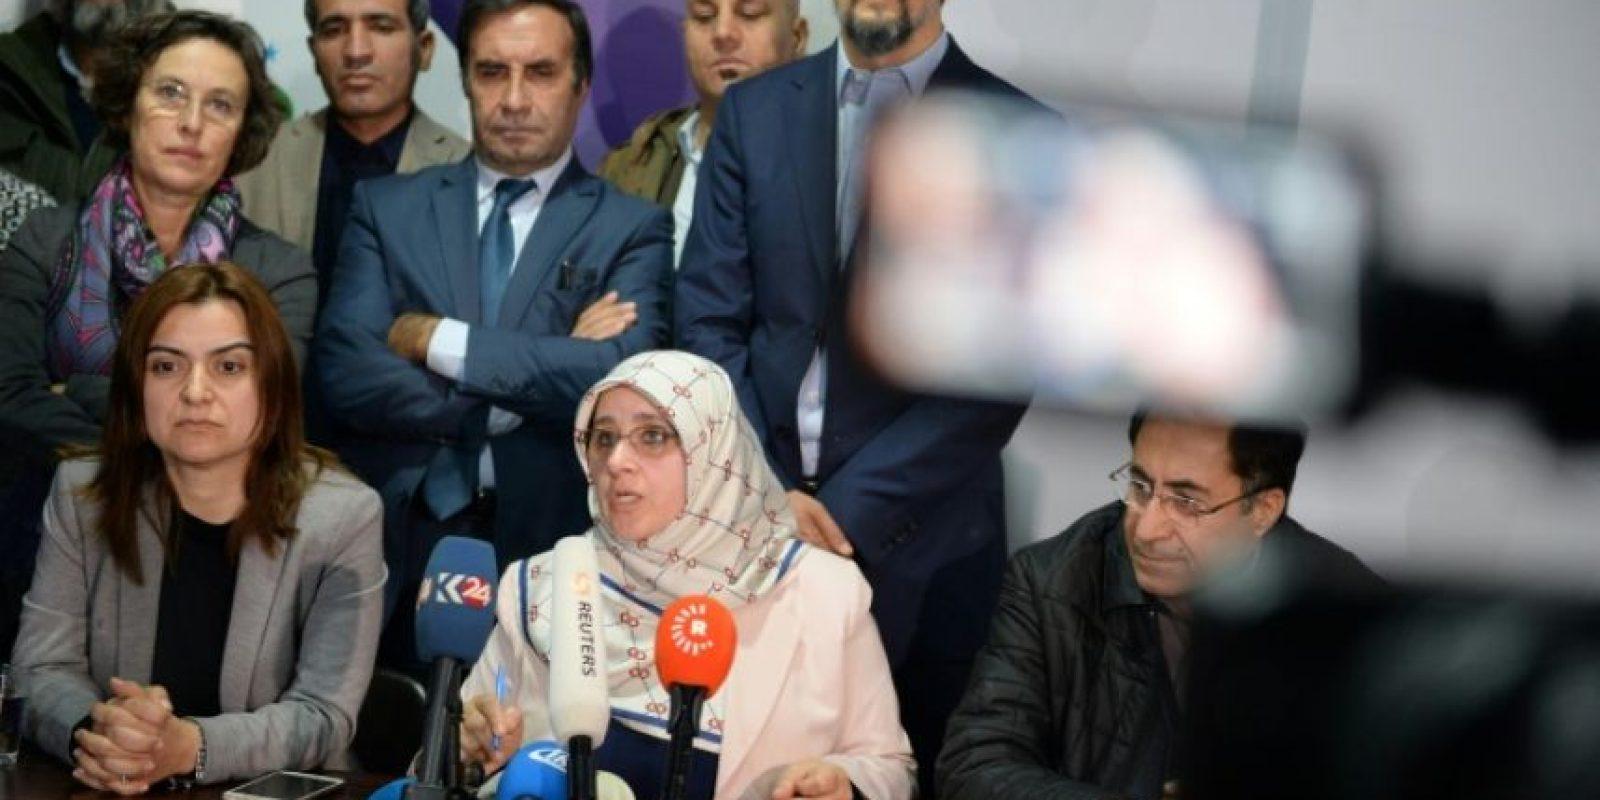 El principal partido prokurdo de Turquía, el Partido Democrático de los Pueblos (HDP), ofrece una rueda de prensa el 4 de noviembre de 2016, tras la detención de sus dos copresidentes Foto:Yasin Akgul/afp.com